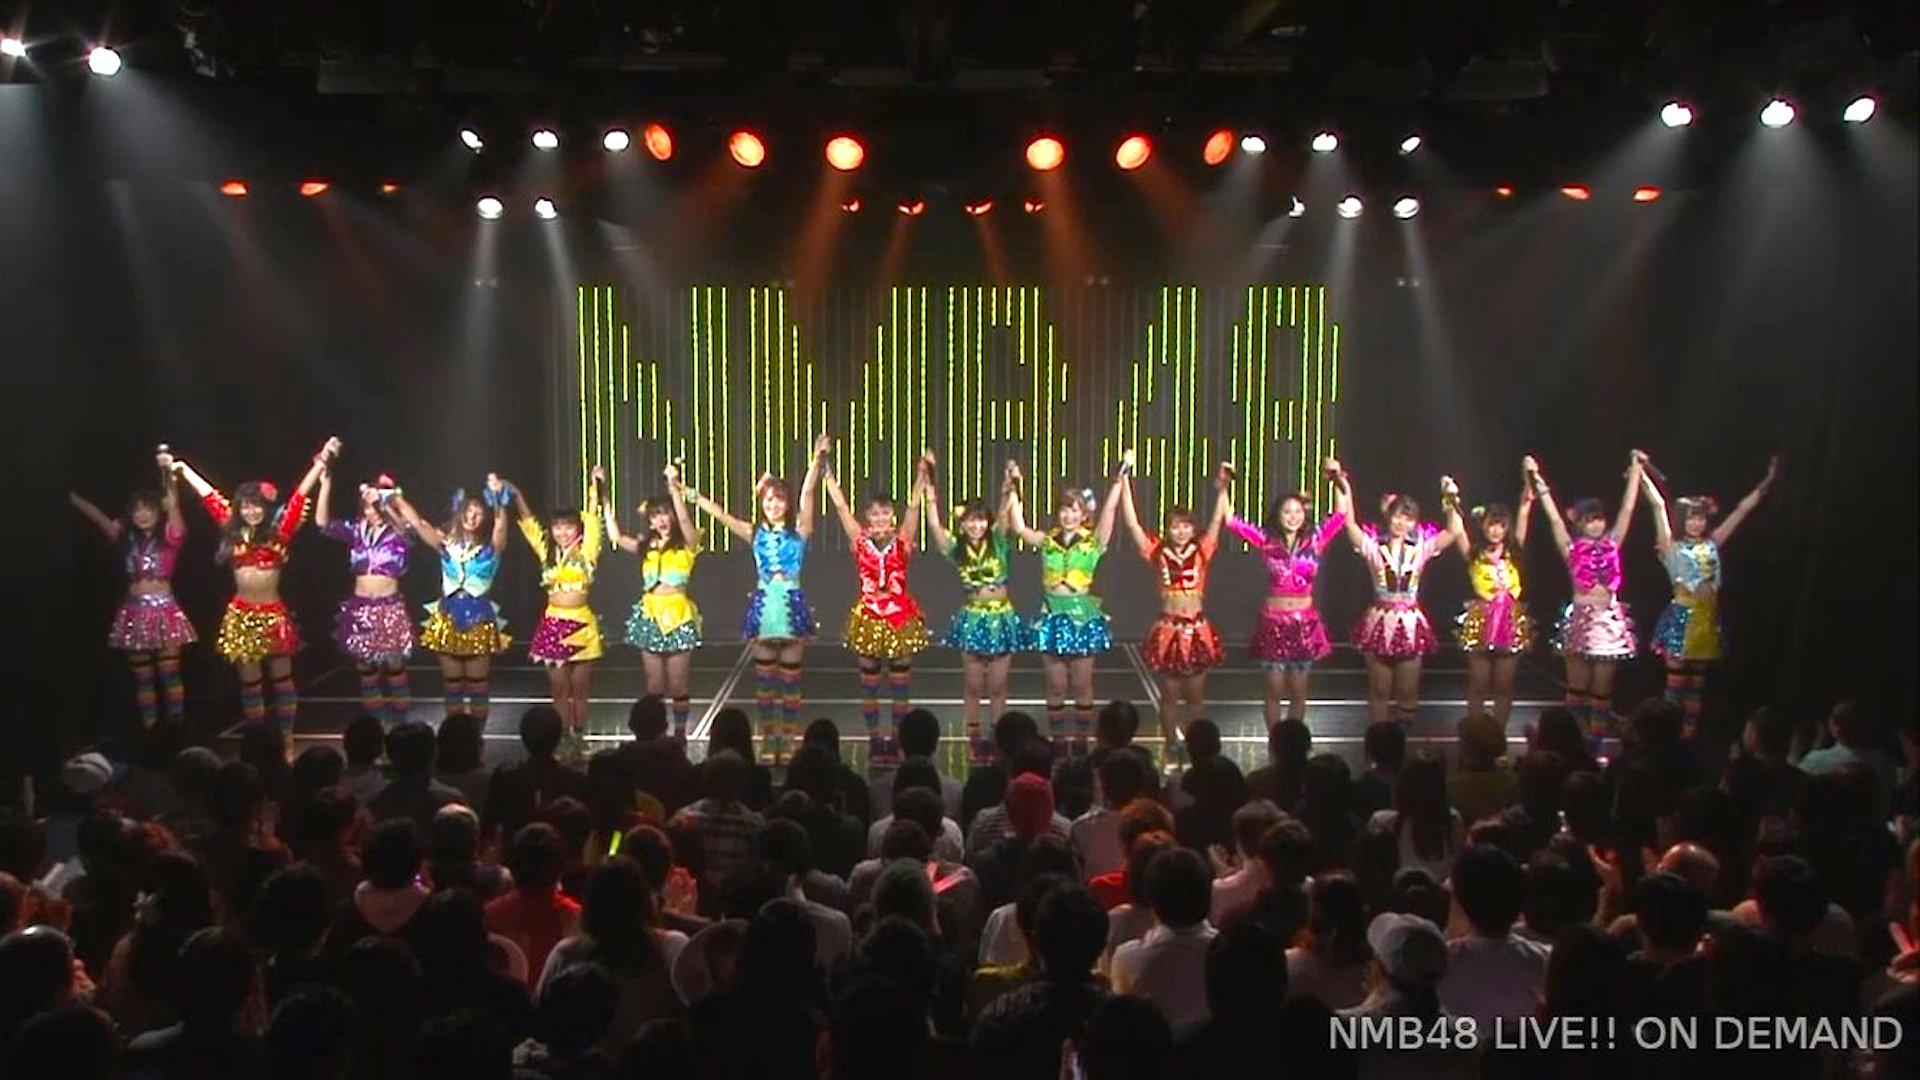 【NMB48】カトレア組「ここにだって天使はいる」千秋楽。「床の間正座娘」ウイークリーランキング1位獲得でTシャツプレゼント。